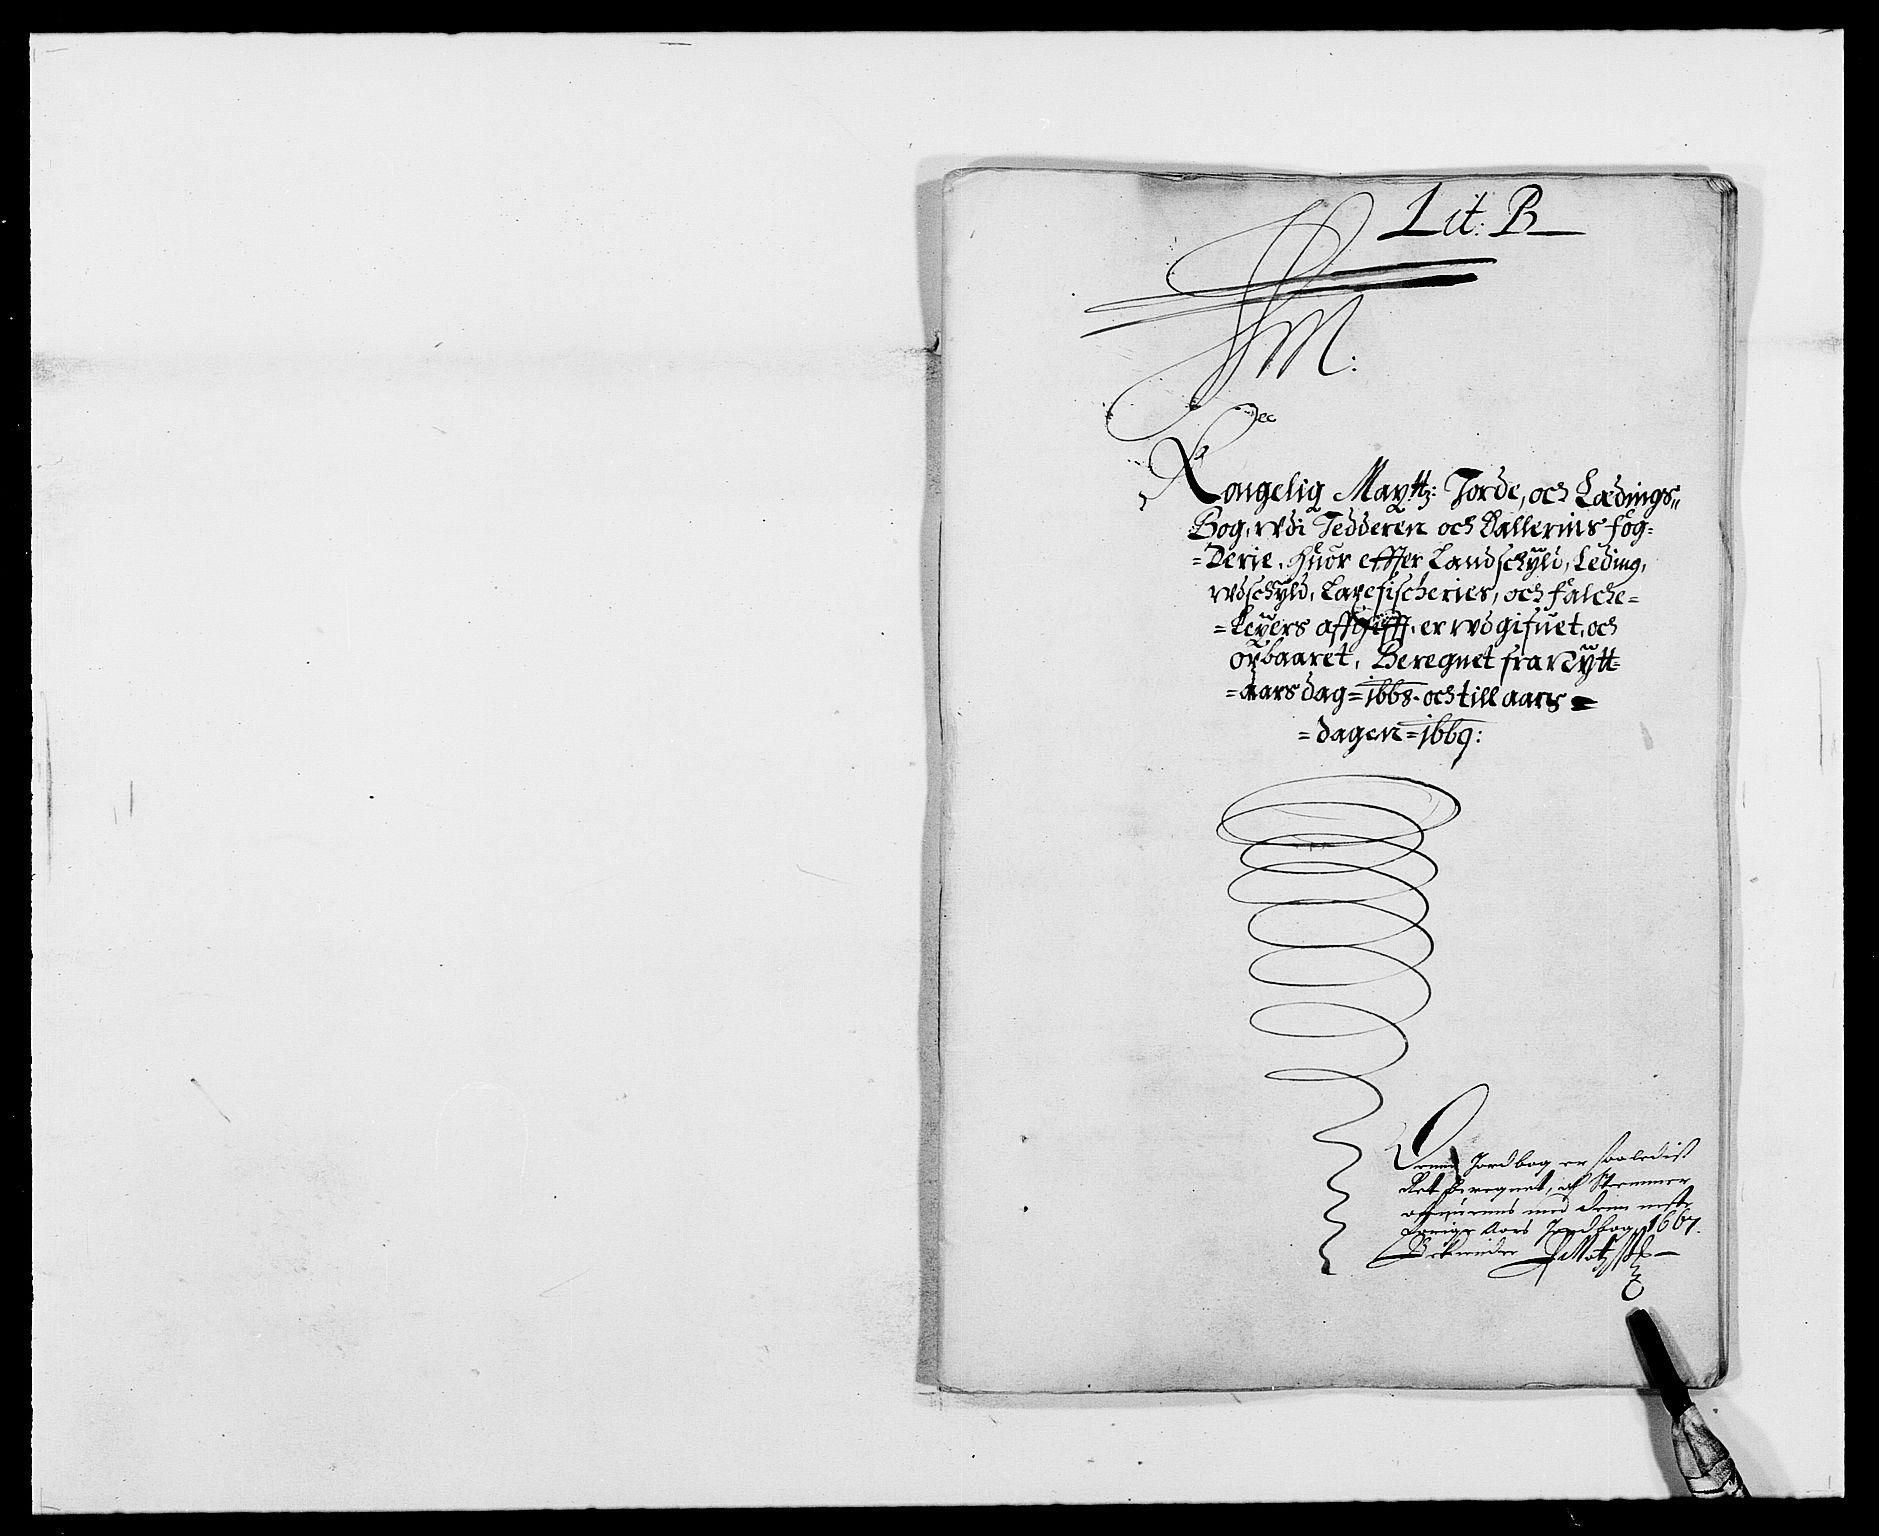 RA, Rentekammeret inntil 1814, Reviderte regnskaper, Fogderegnskap, R46/L2711: Fogderegnskap Jæren og Dalane, 1668-1670, s. 12